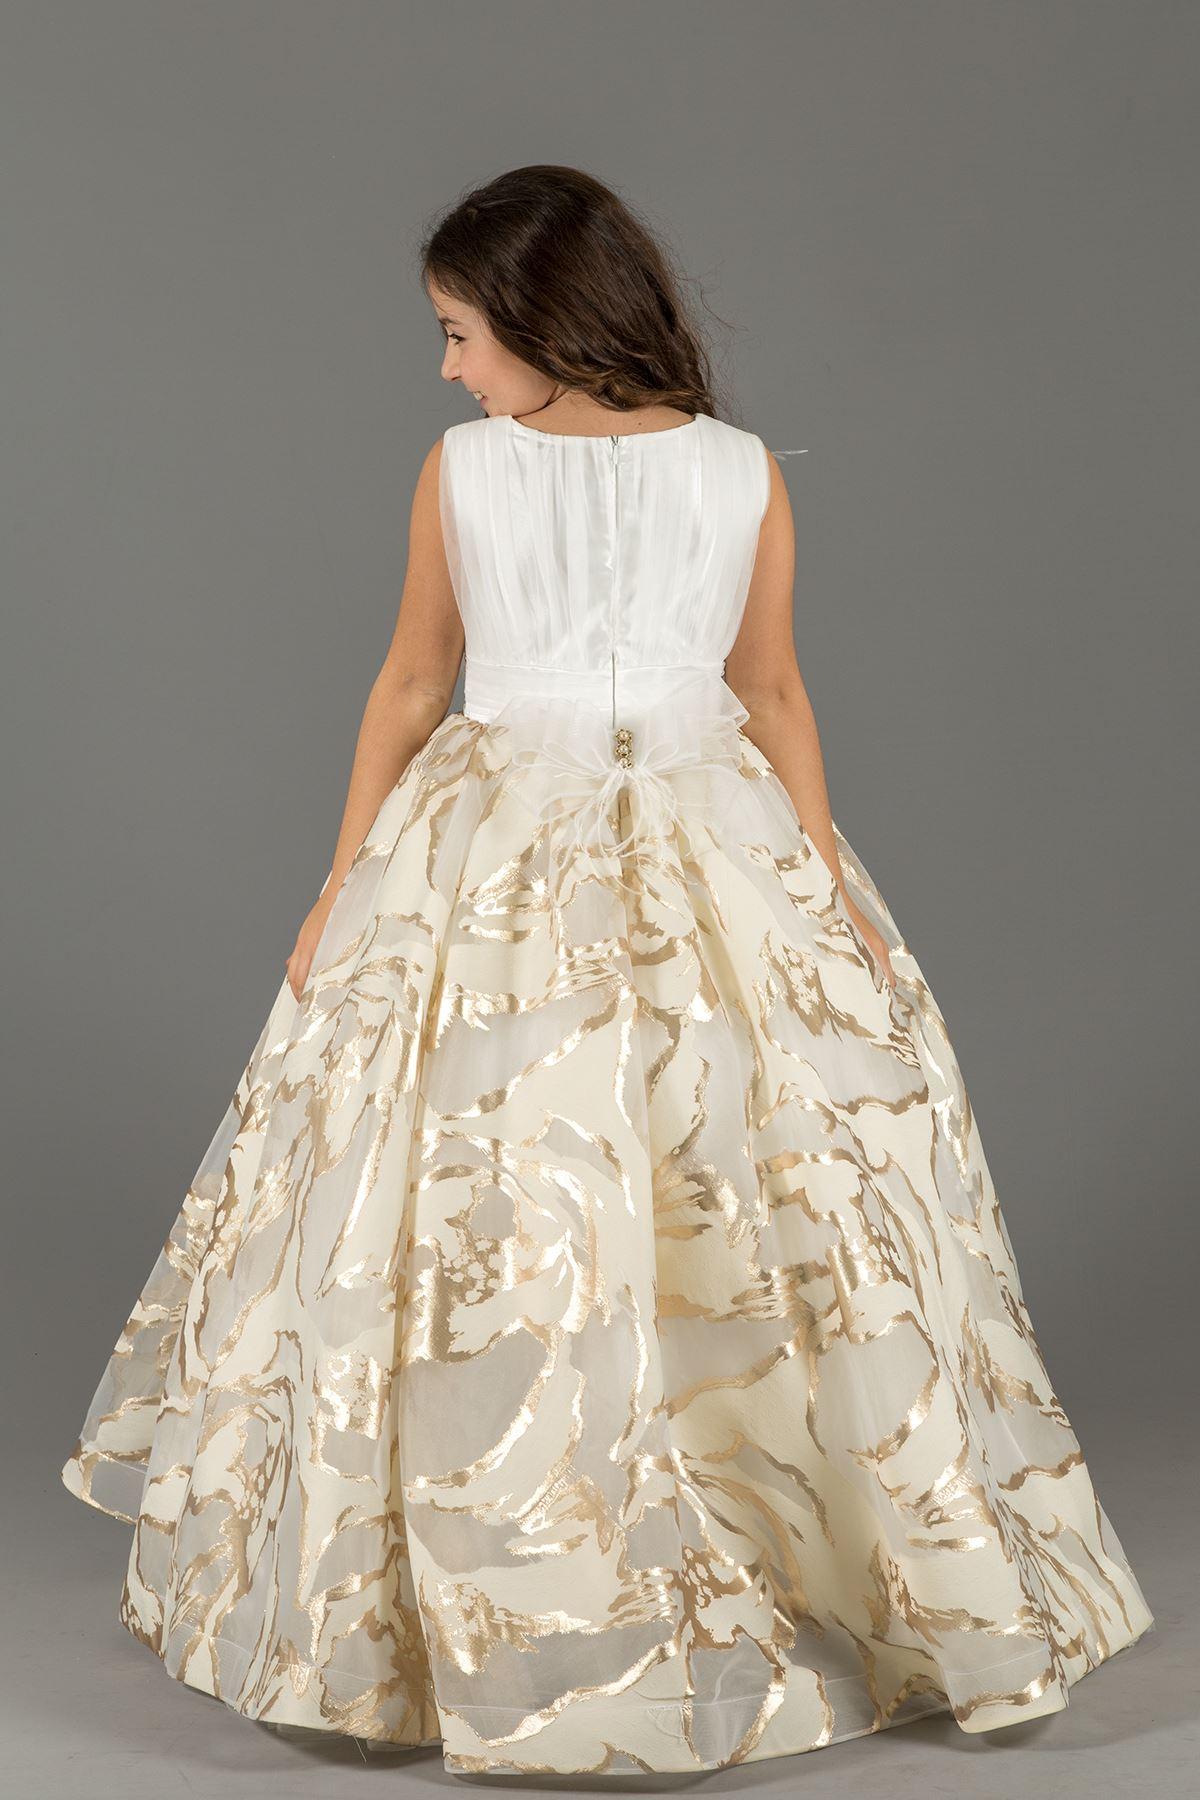 Горящая деталь ткани цифровой печати, пушистое вечернее платье девушки 590 золото